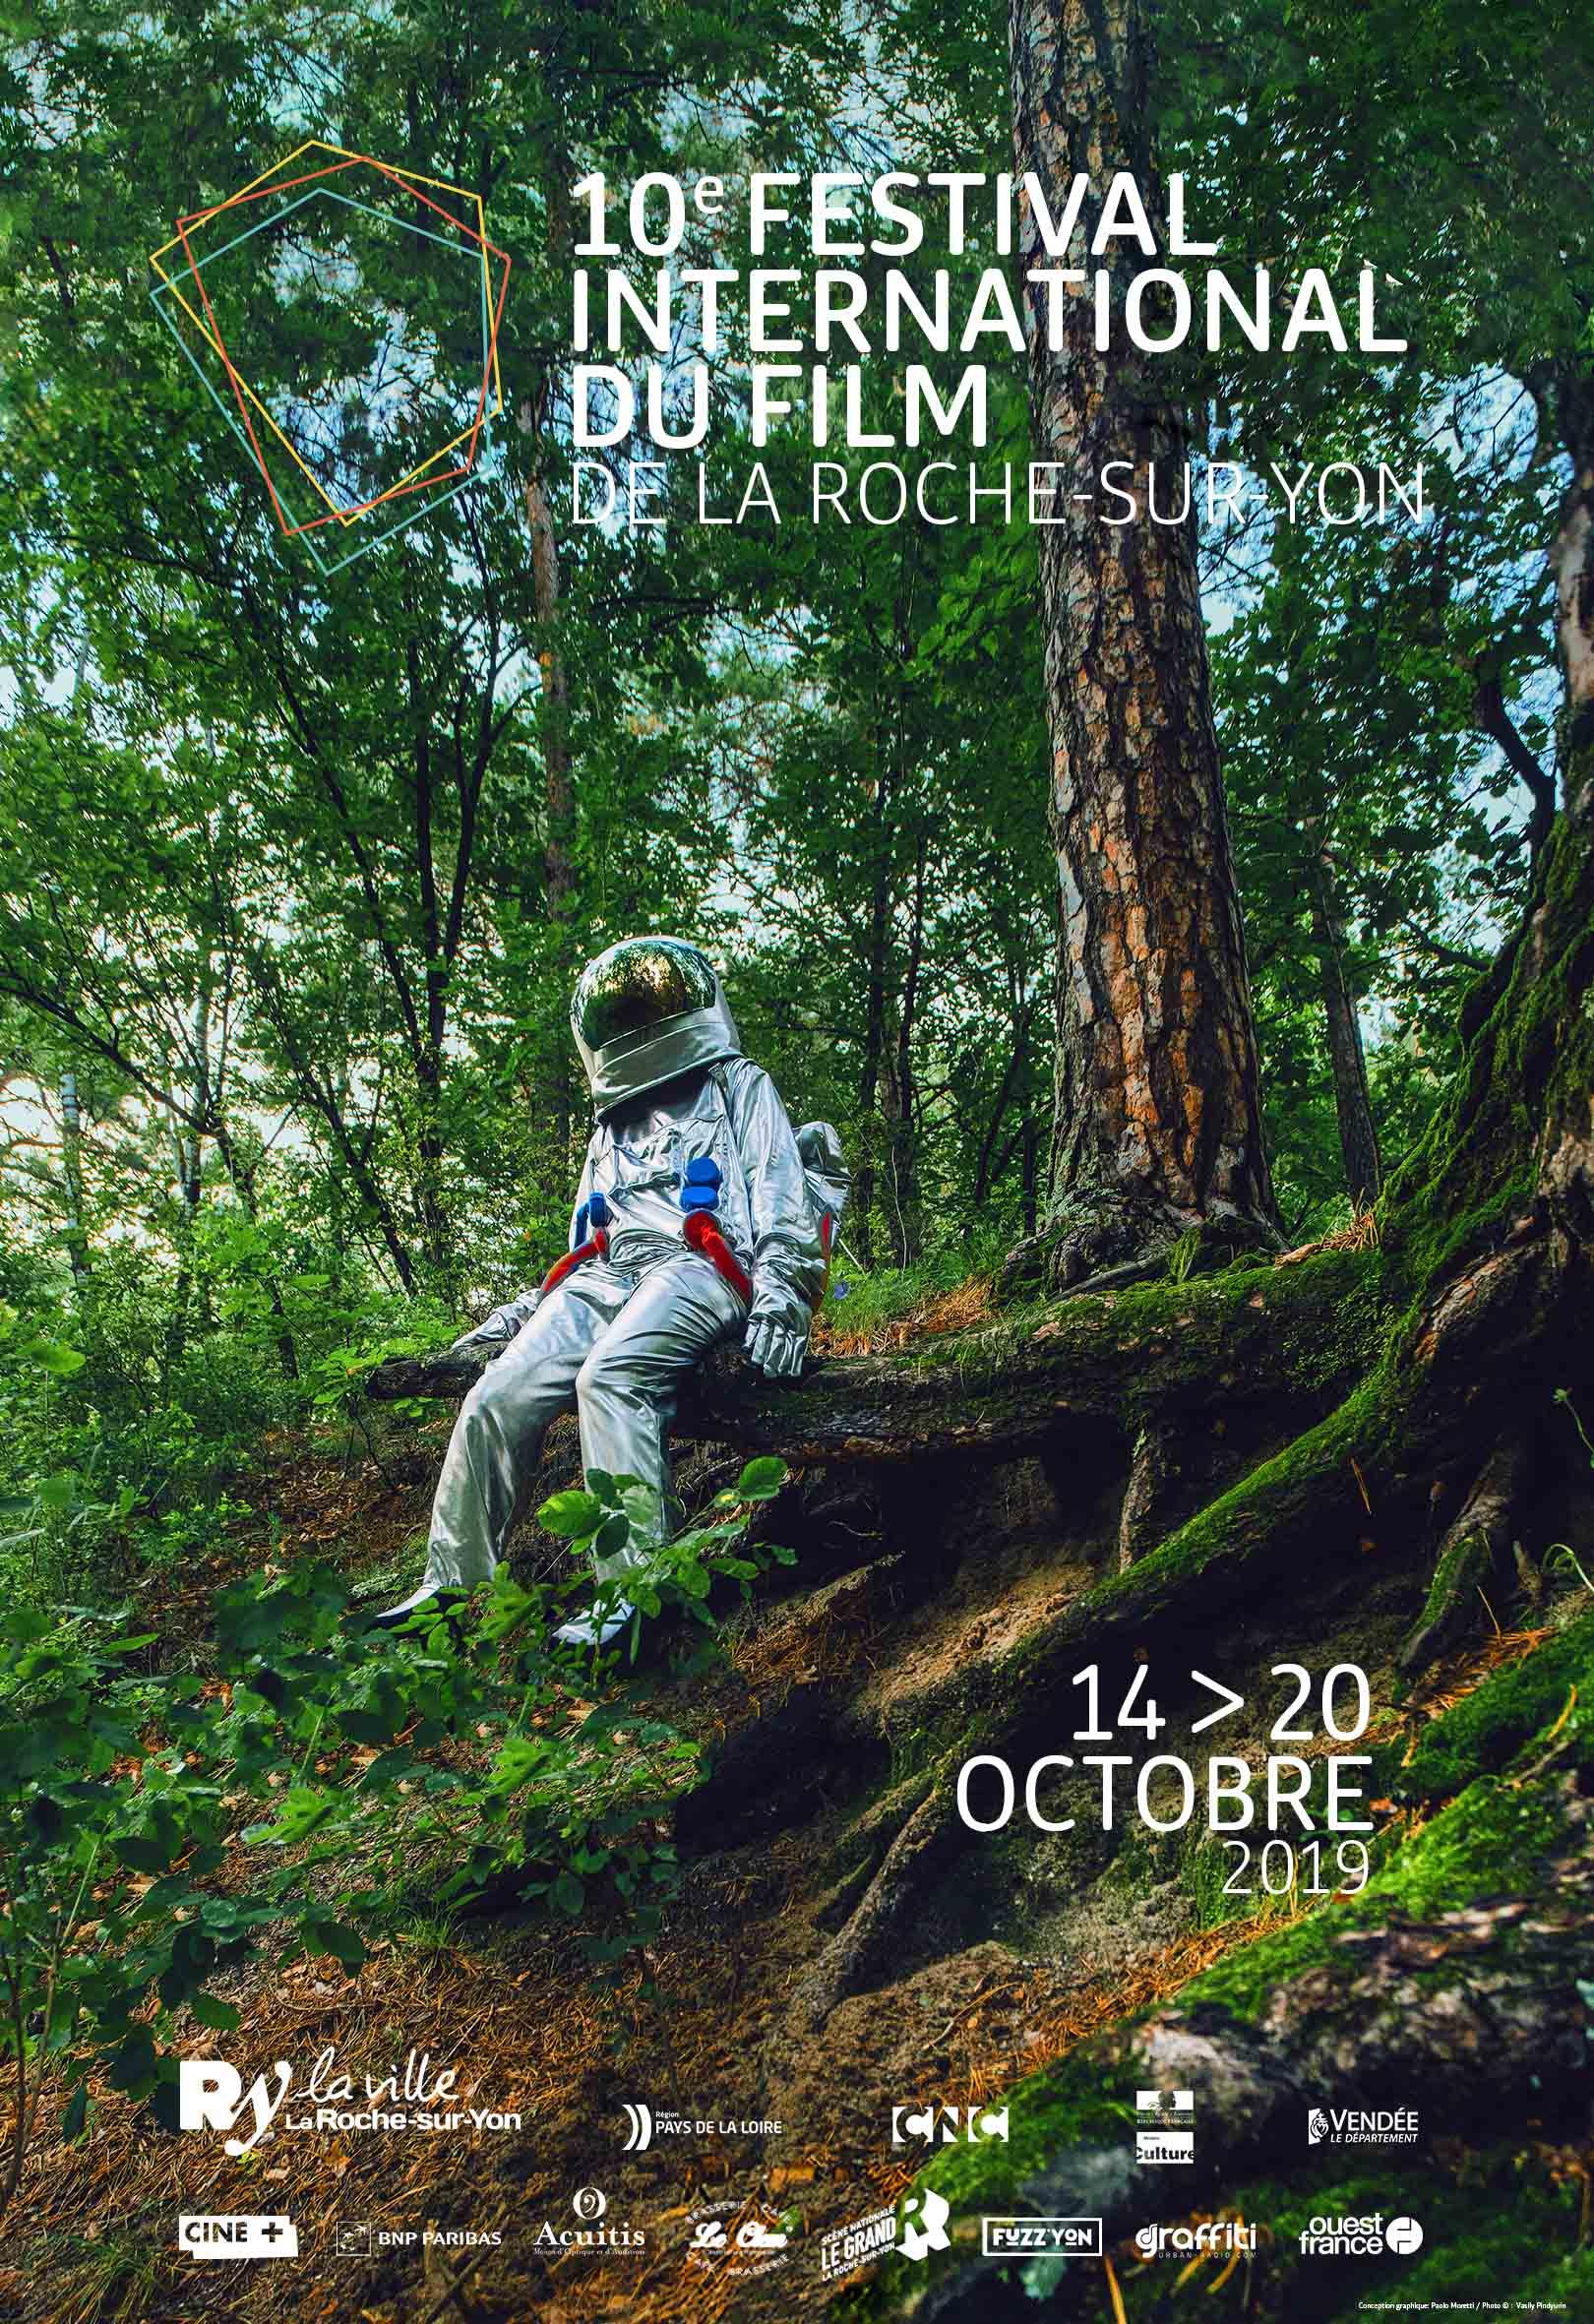 Affiche festival de la Roche-sur-Yon